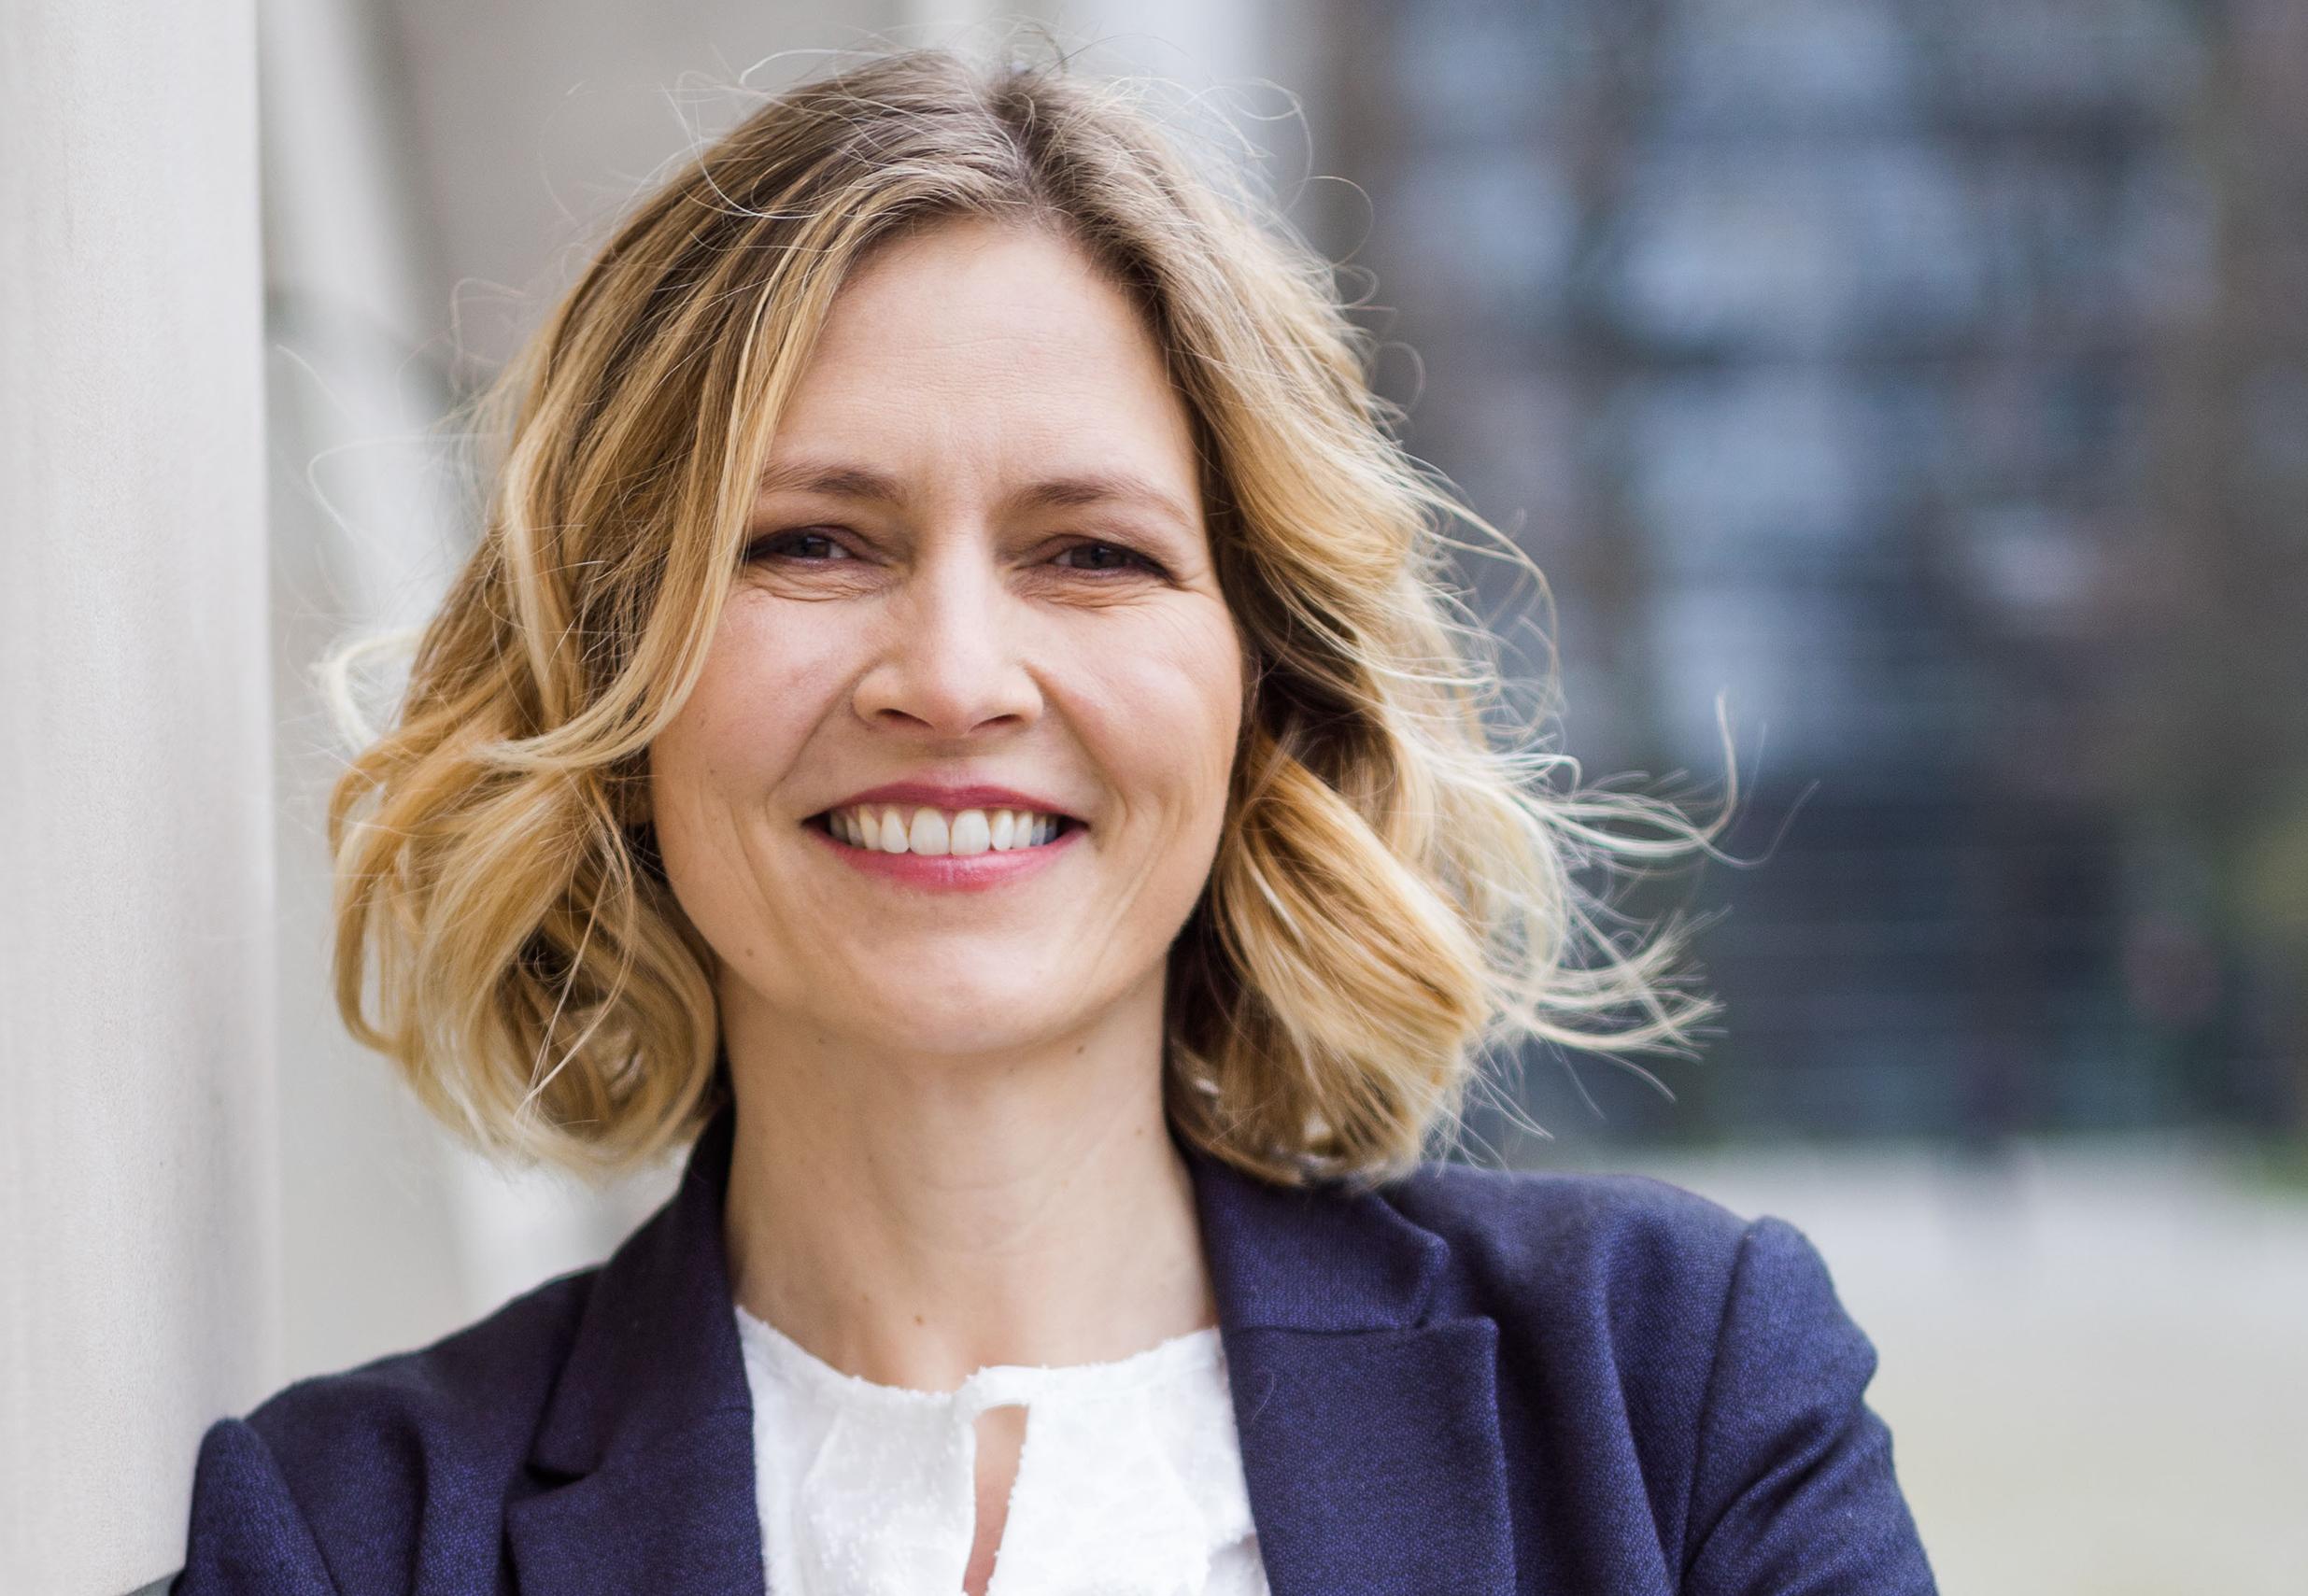 Podcast: ErfolgsgeDANKE #08 mit Melanie Wyssen-Voß, Gründerin von Digitalstation